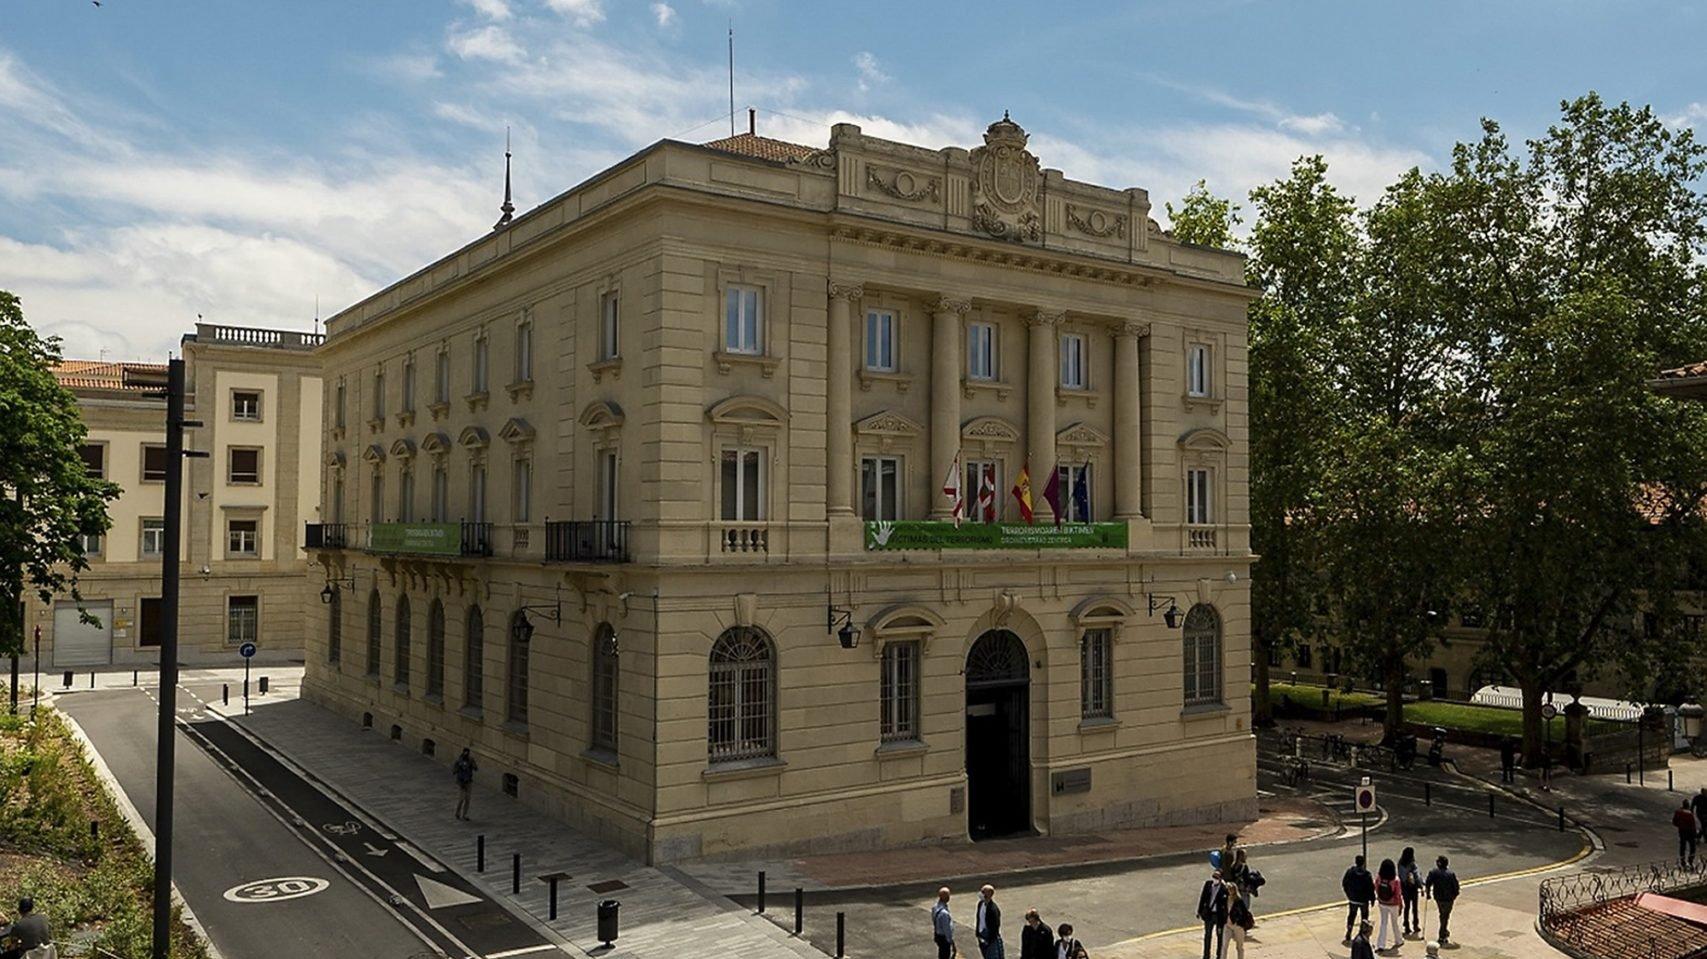 Um centro memorial em Vitória, no País Basco, inaugurado recentemente está a revelar a forma como a ETA tratava as suas vítimas mortais. O centro foi inaugurado em 02 de junho passado pelos reis de Espanha numa cerimónia em que também assistiram o primeiro-ministro, Pedro Sánchez, e o Lehendakari (presidente do País Basco), Inigo Urkullu, do Partido Nacionalista Basco, 17 de julho de 2021. (ACOMPANHA TEXTO). DAVID ARMENGOU / LUSA